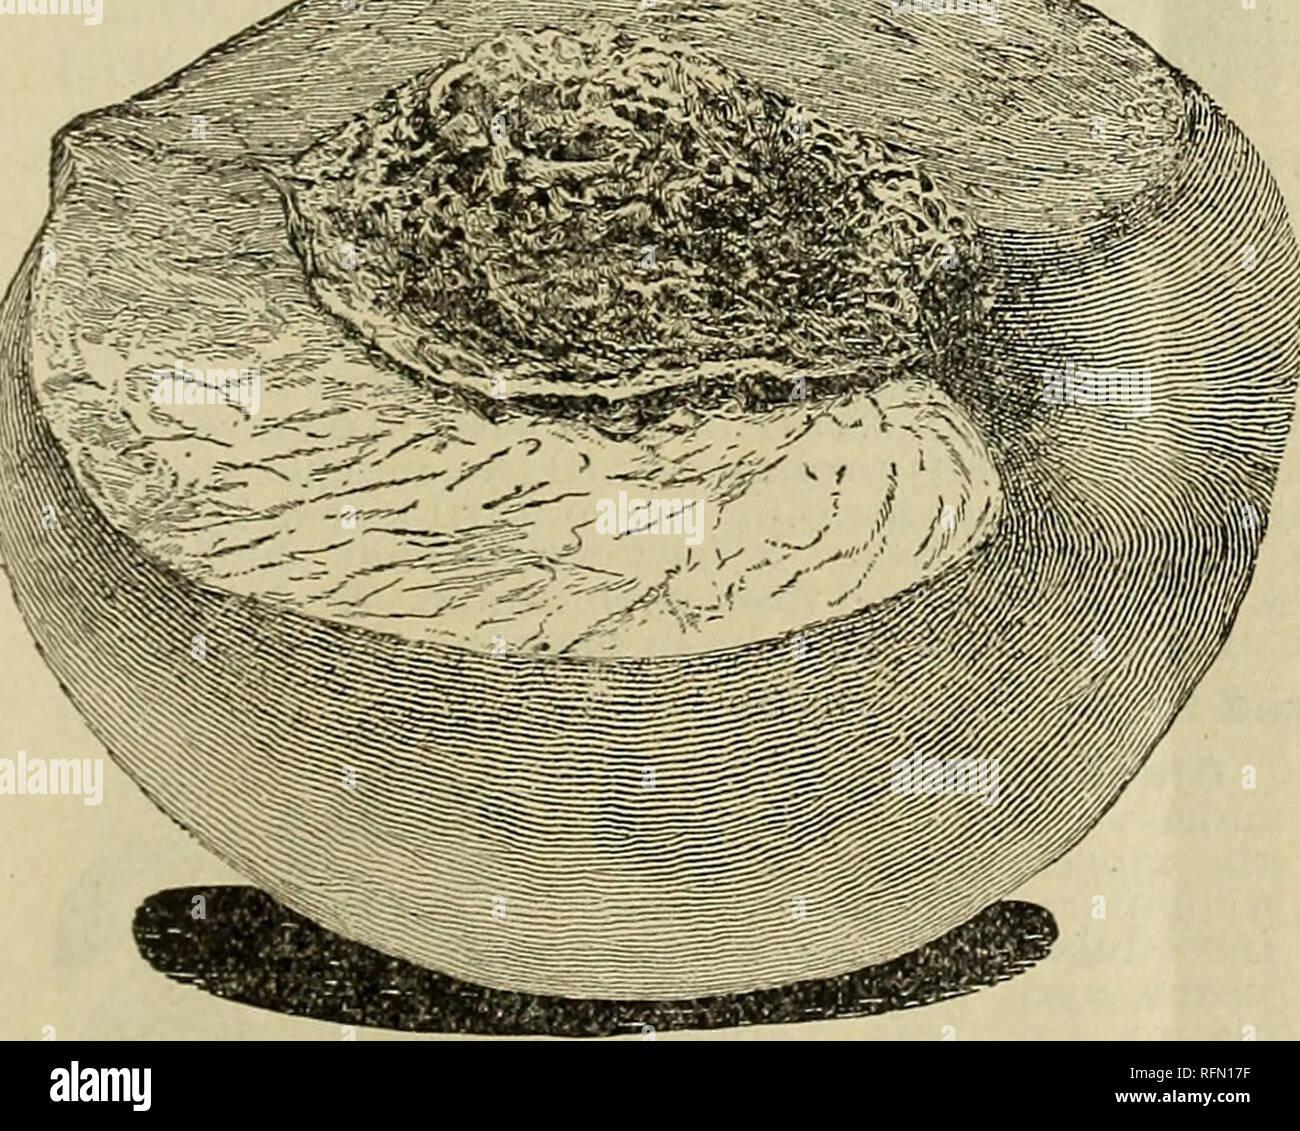 """. Catálogo de verano y otoño : macetas con plantas de fresa, árboles y plantas ornamentales. Viveros en Nueva York (estado) Catálogos de Rochester; catálogos de plántulas de árboles frutales; fruto de los catálogos. Certificado de inspección de cN&rs* """"Aod tActfjAe 6-toc/i cn tAe nu?> itiaA c/uty, ezami?icc£ m com/tttance tuti *3^aui& ofoa?id se t/JaA encontró a 6e a/t/i corUapiouA o c?s/cctioa<i ///a<?zt diaectAc ov (/(un dcvnyevoiifify iwjtwtoui indect fietit o fie&t&. La capital Melocotón.- La más maravillosa en durazno -tamaño y sabor durazno, cada uno con un promedio de diez centímetros de circunferencia, con un peso de 10 onzas. Un Foto de stock"""